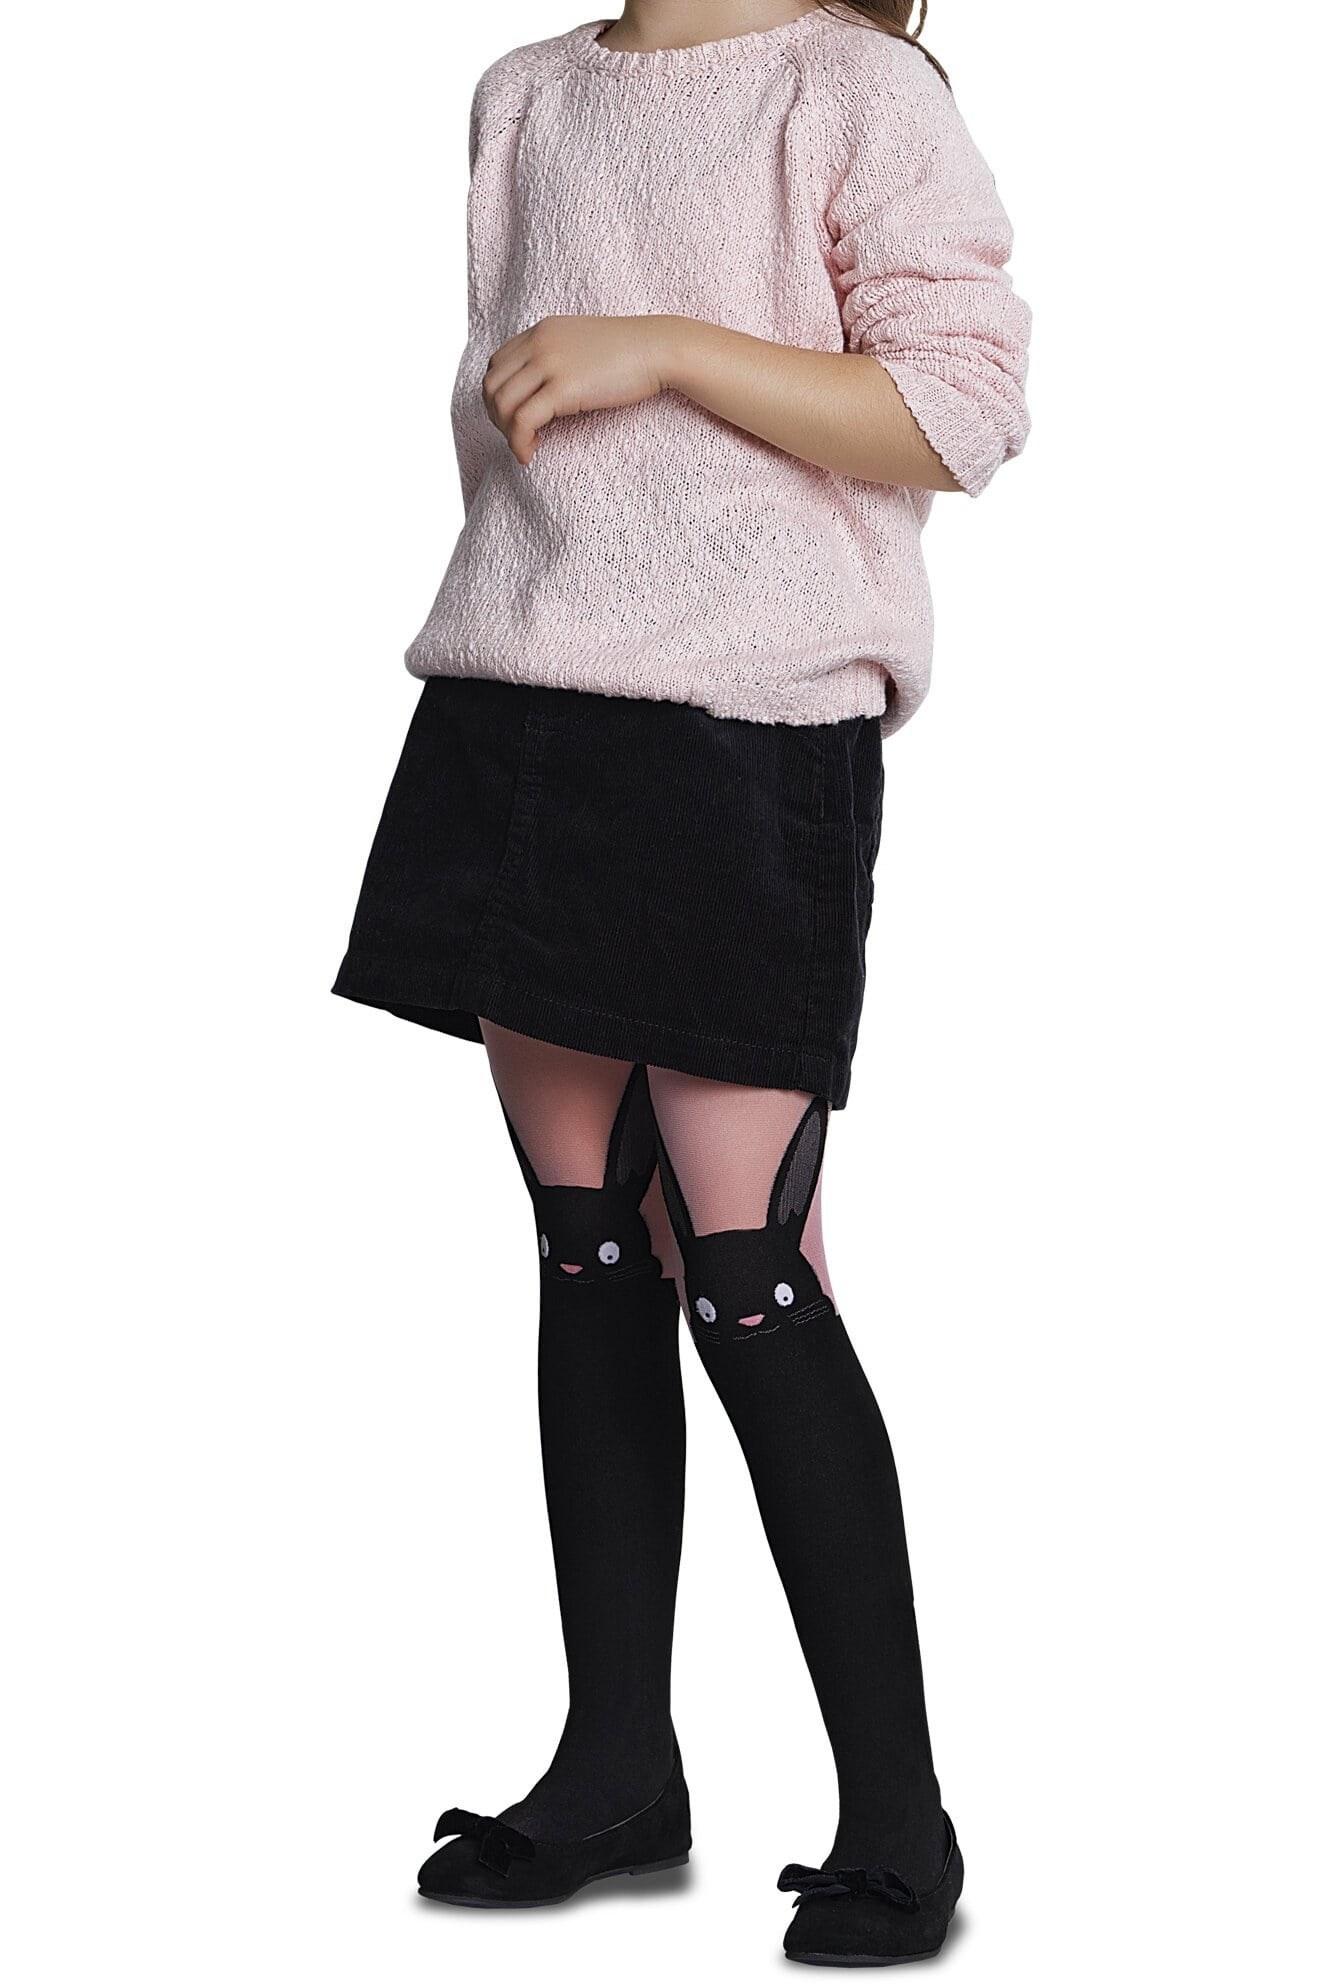 جوراب شلواری طرحدار دخترانه پنتی Bunny صورتی  